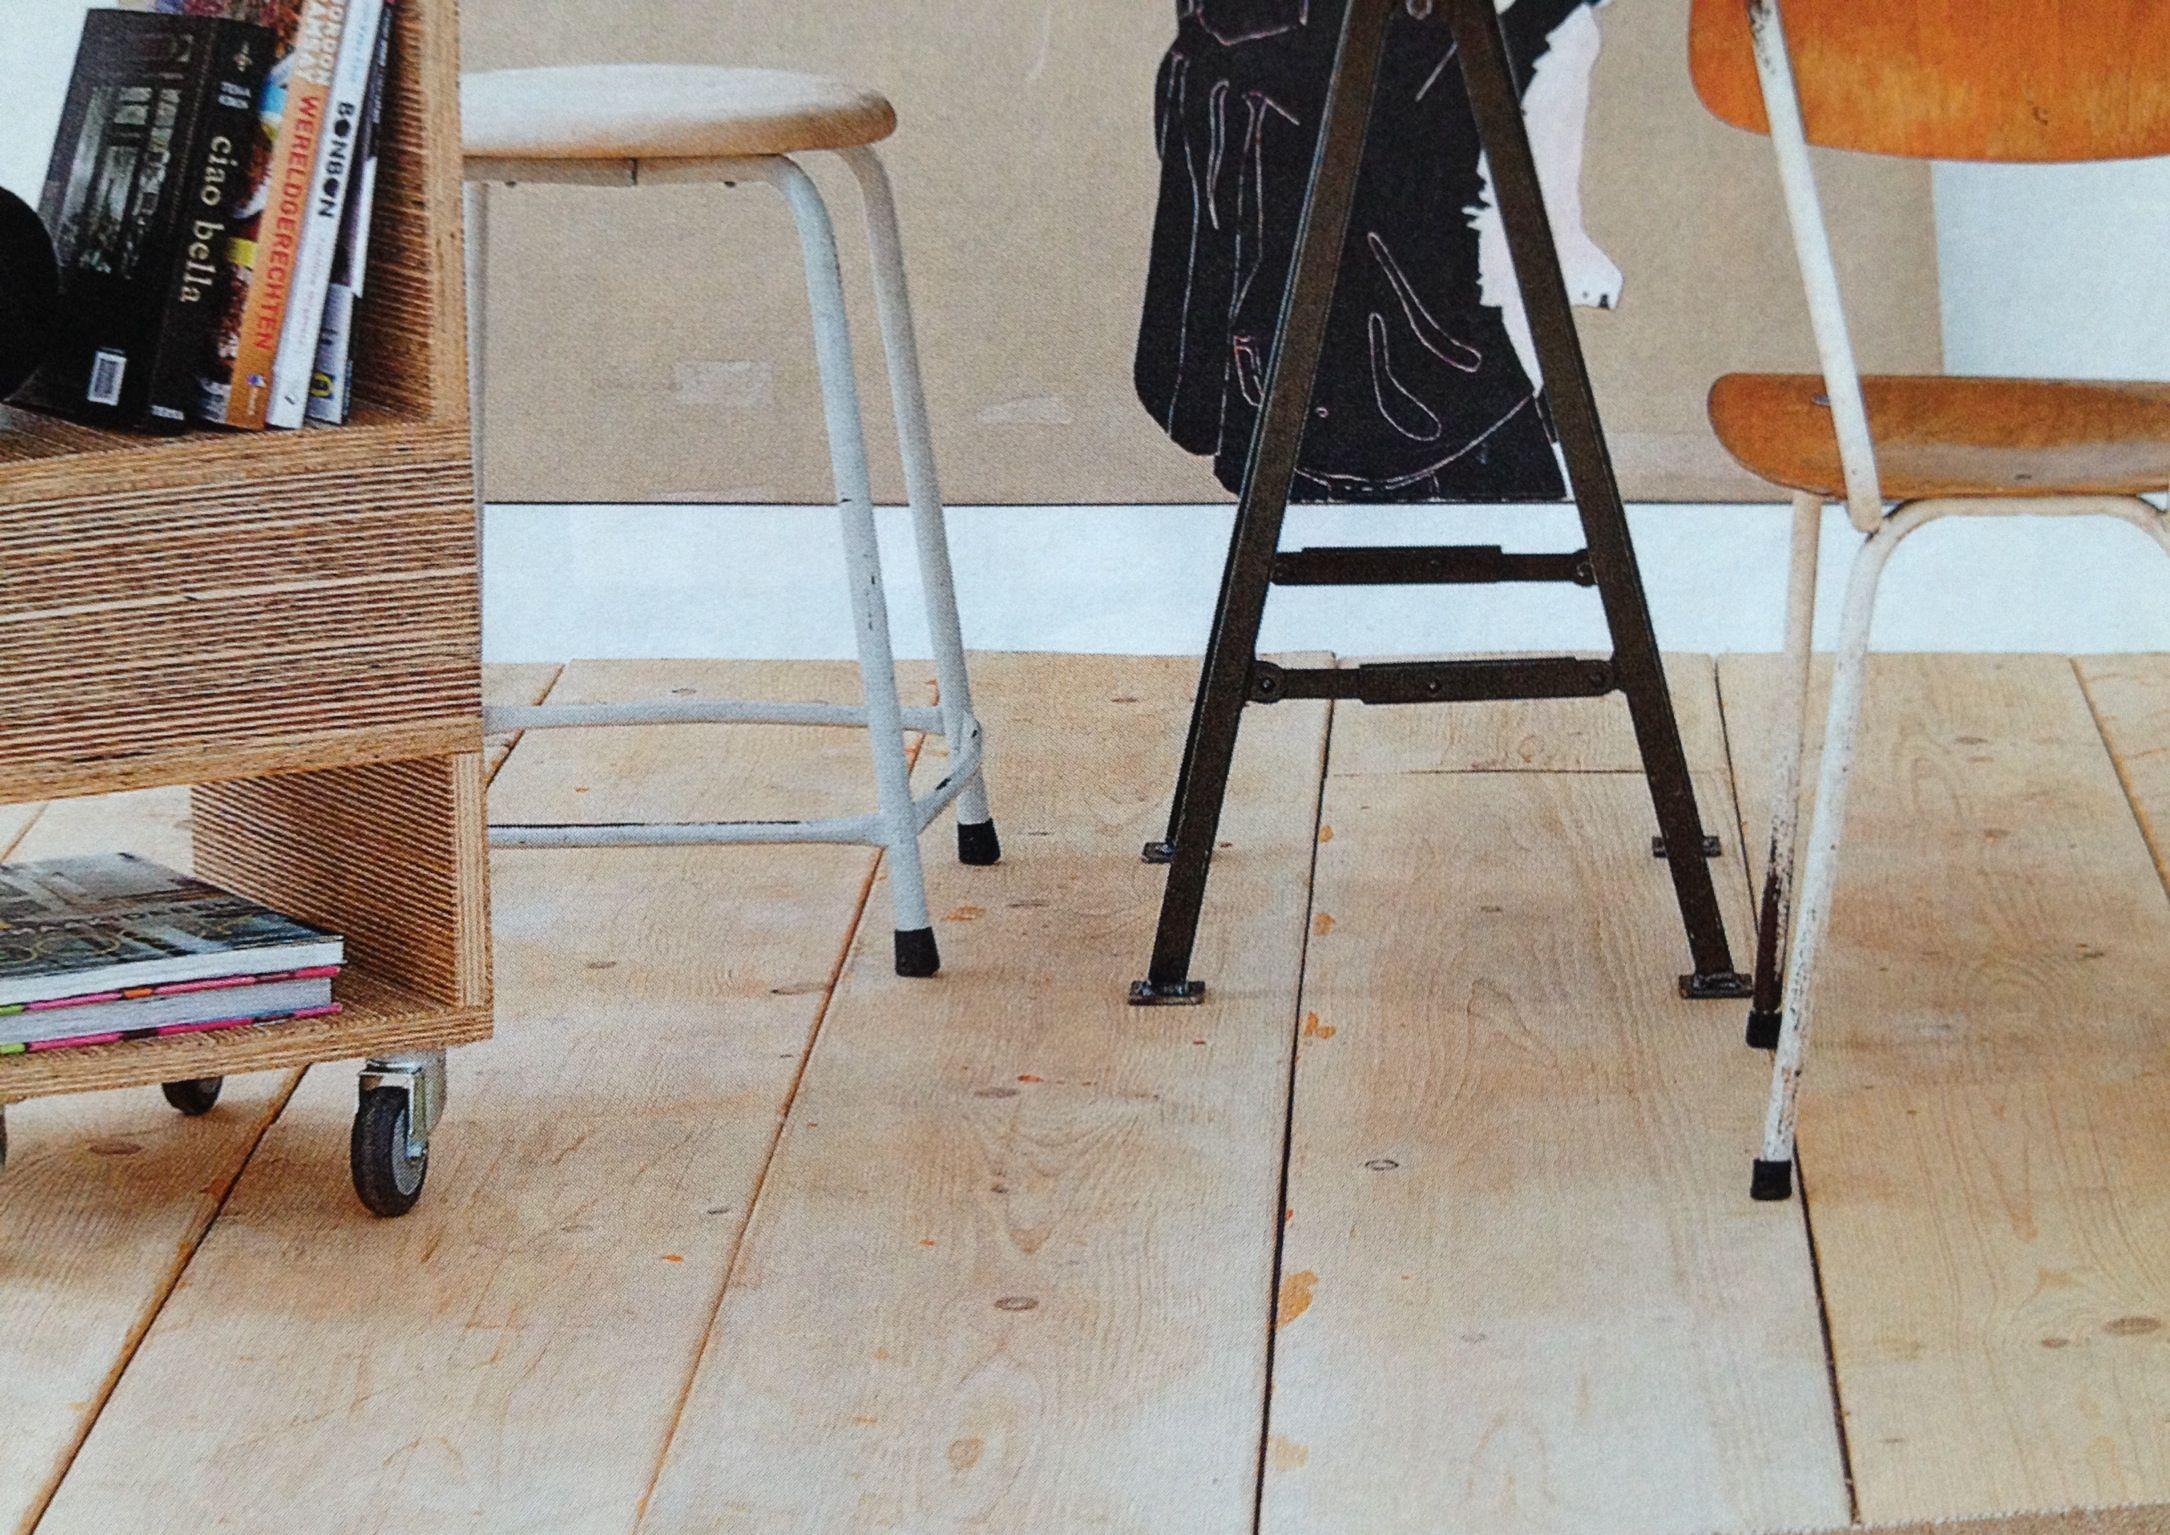 Houten Vloer Vuren : Vuren houten vloer huis vloer slaapkamer en